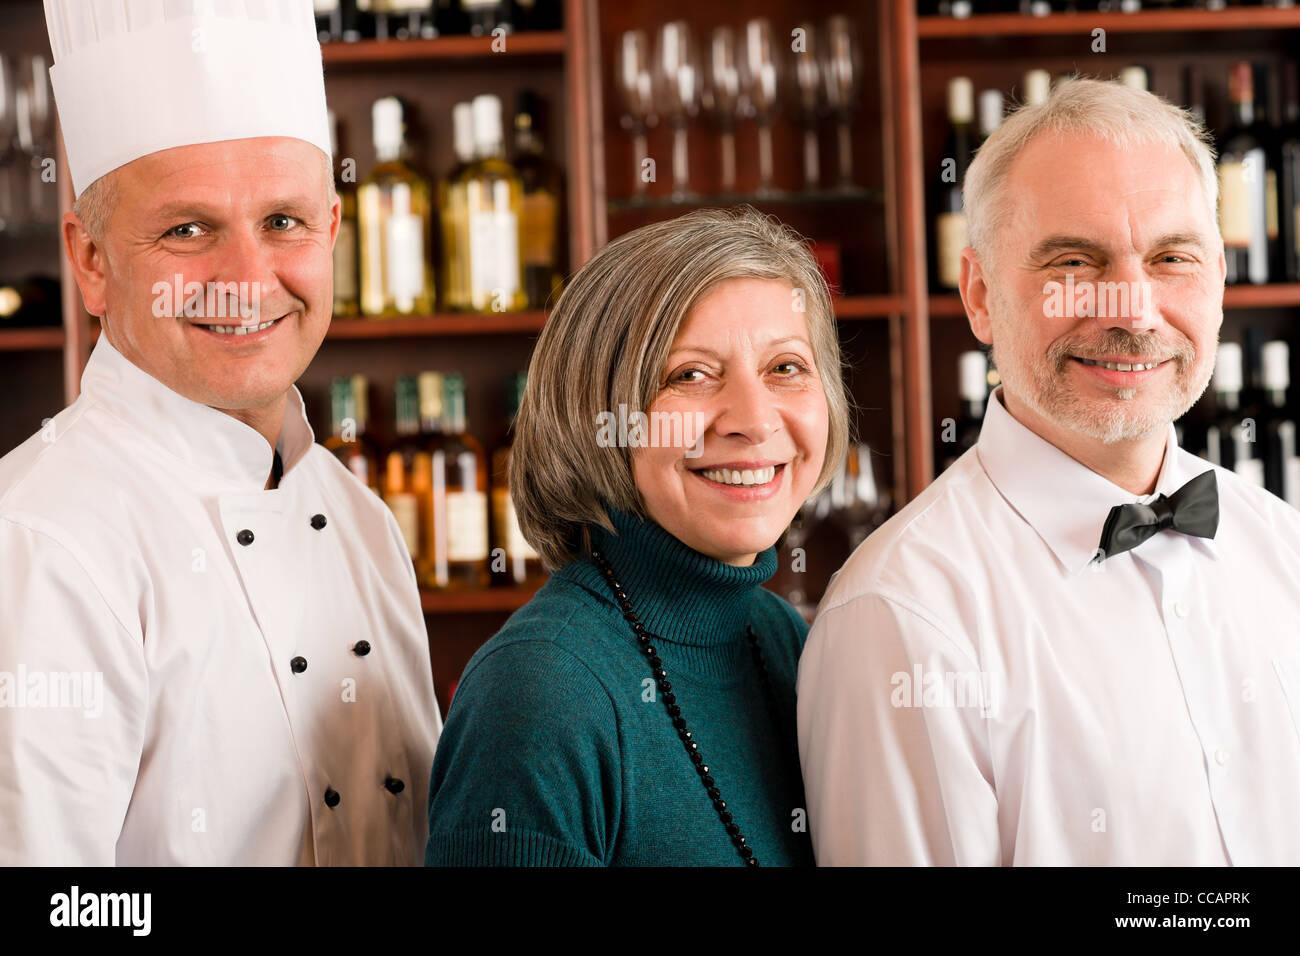 Restaurantleiter posiert mit chef koch und kellner weinbar for Koch und kellner